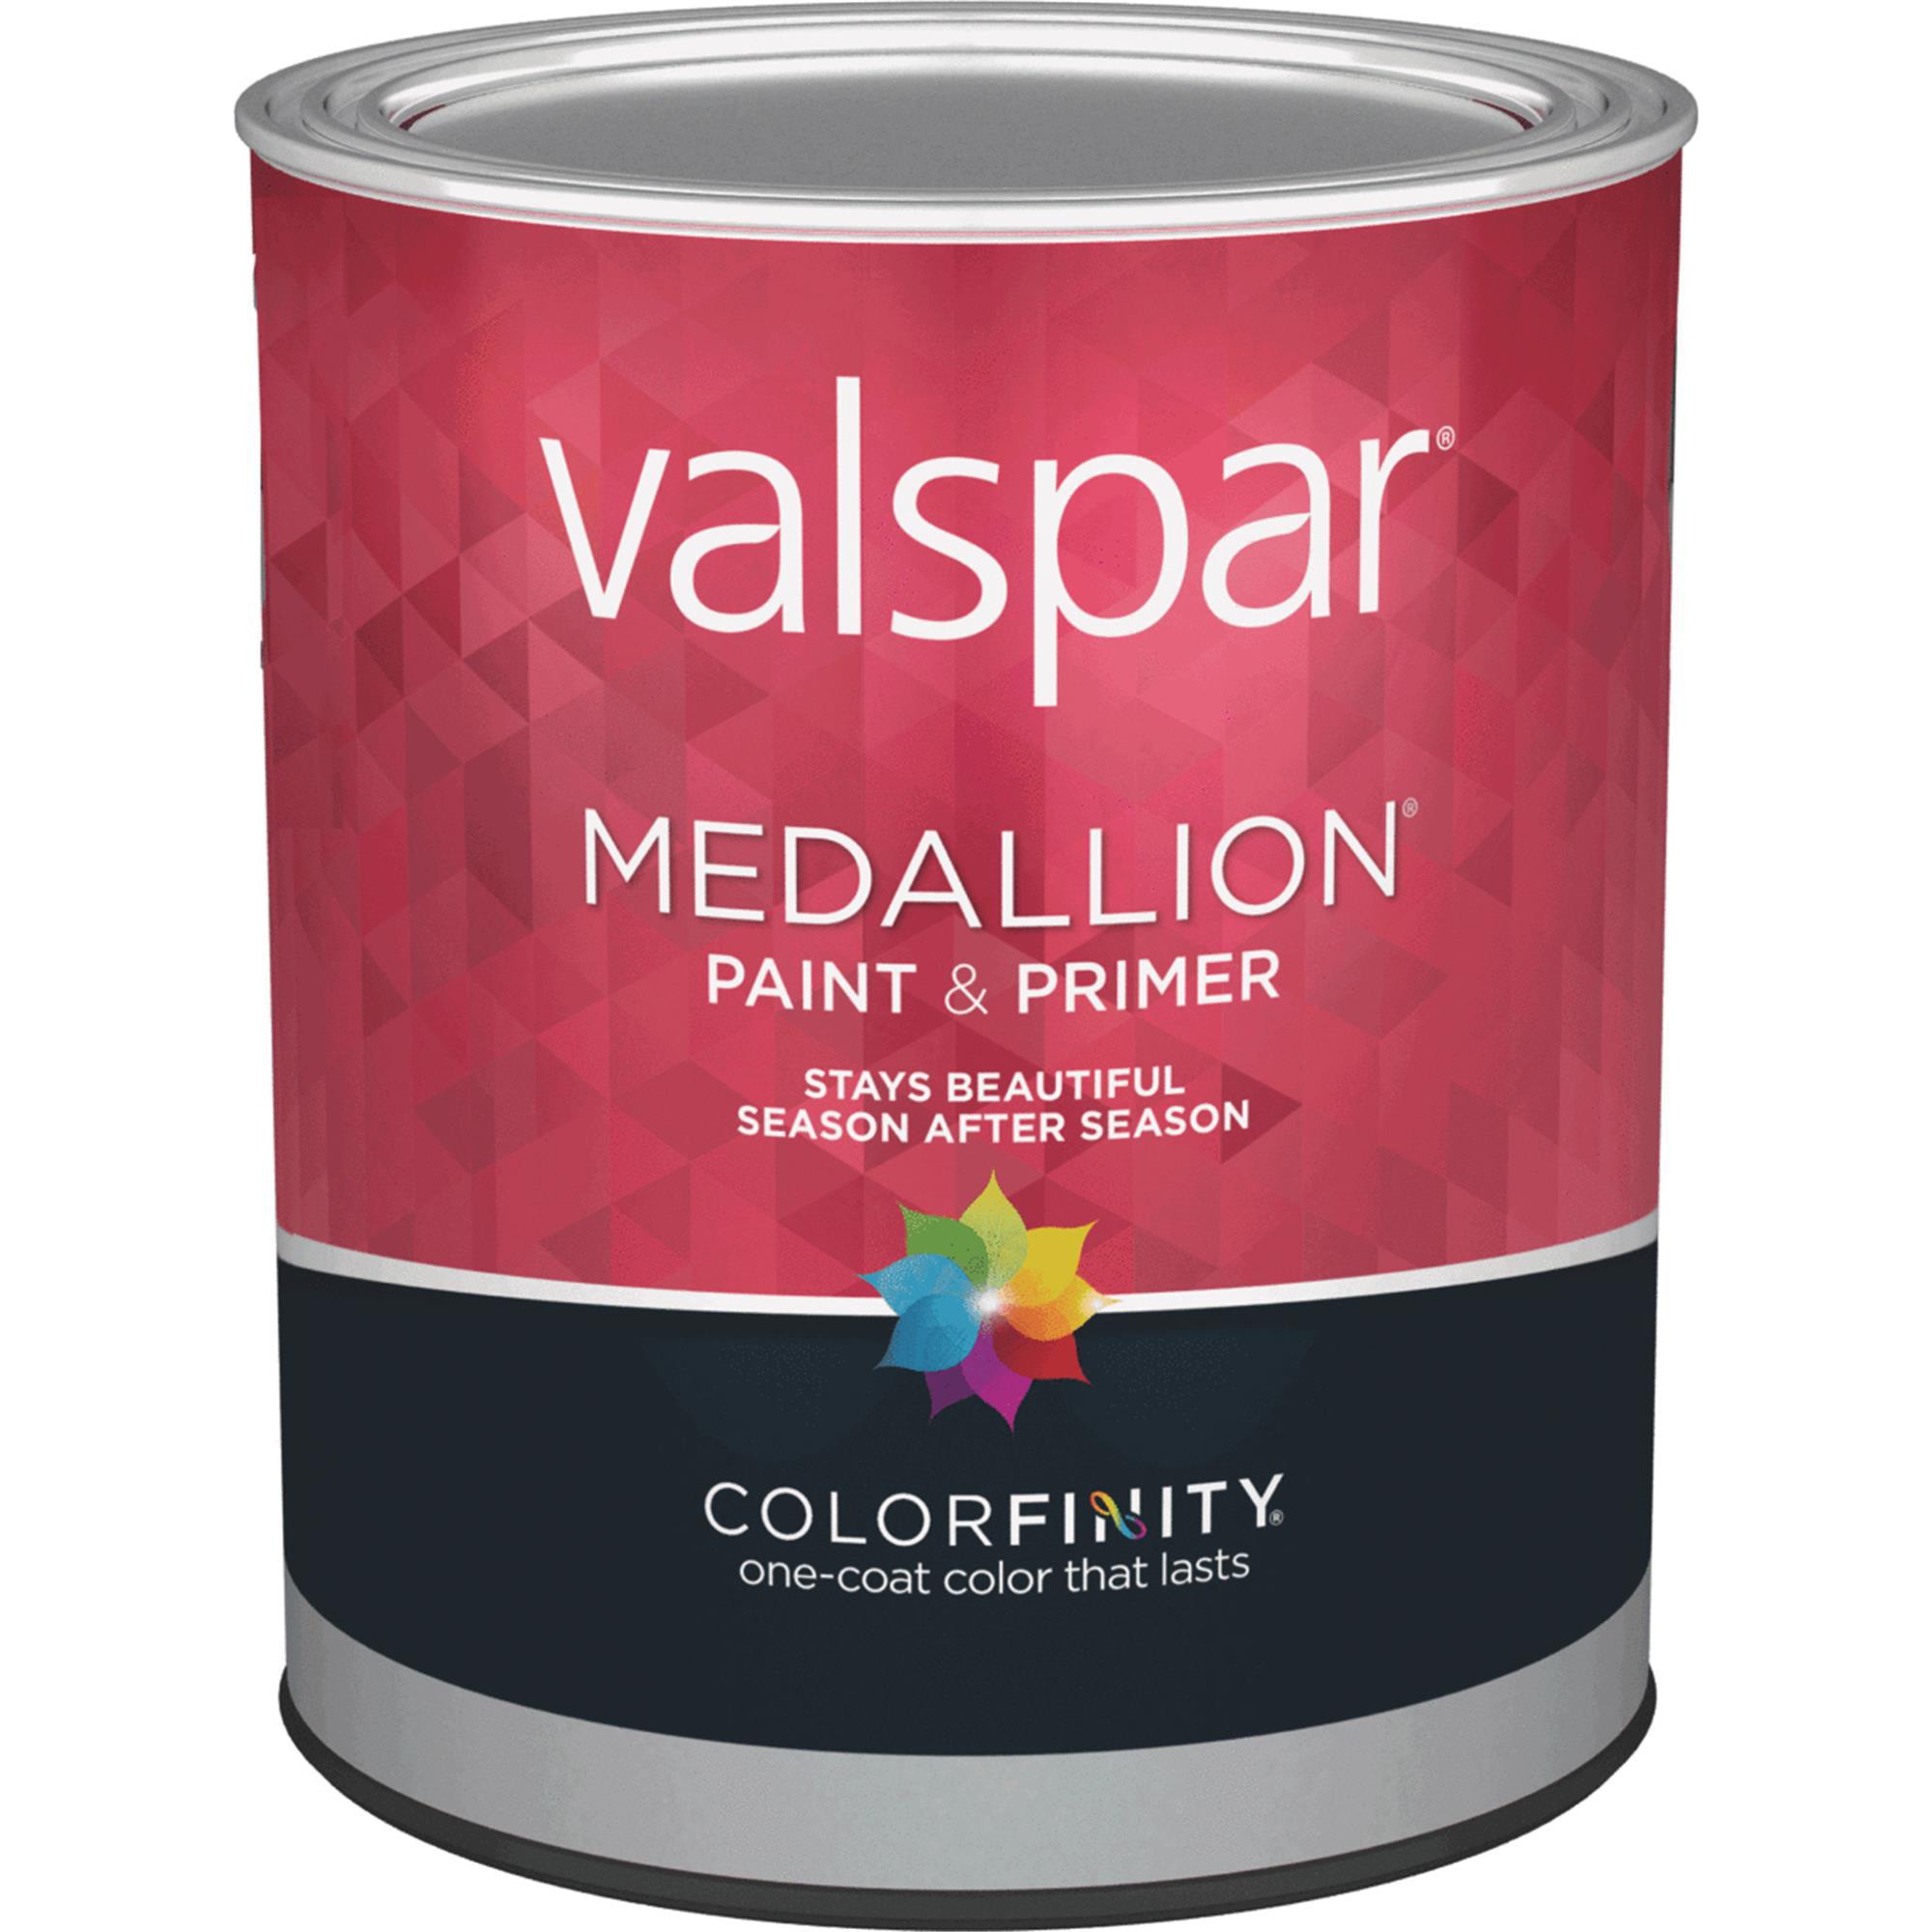 Valspar Medallion 100% Acrylic Paint & Primer Semi-Gloss Exterior House Paint